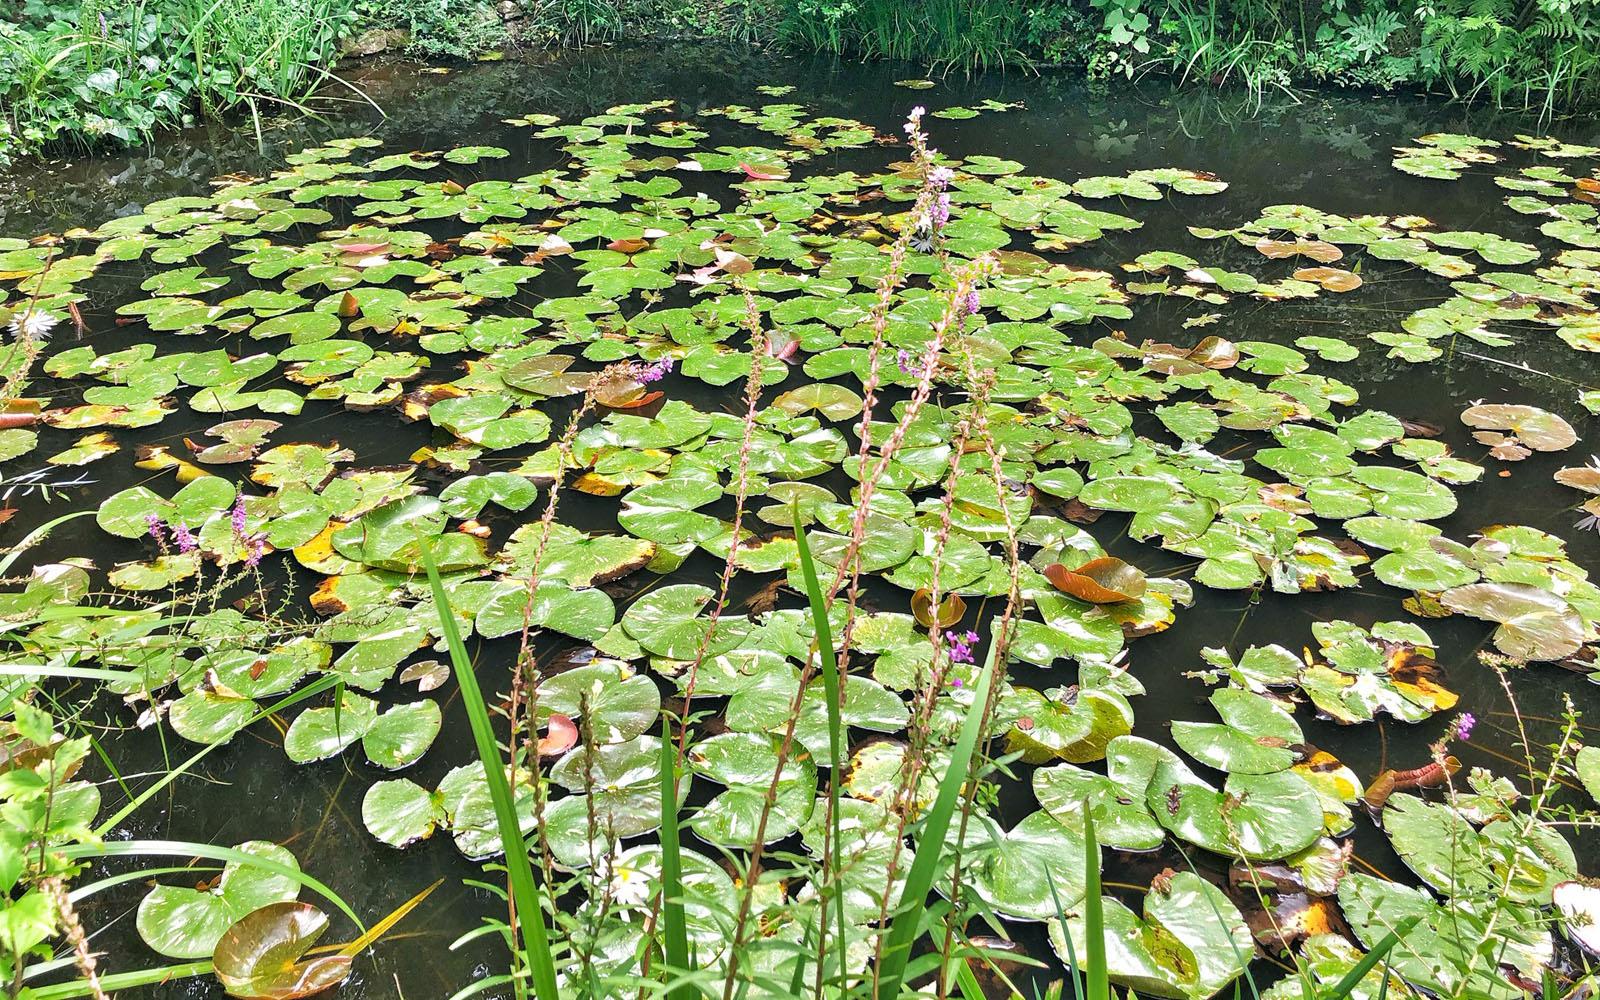 Le ninfee nel giardino del museo Chichu, ispirato a quello di Monet.